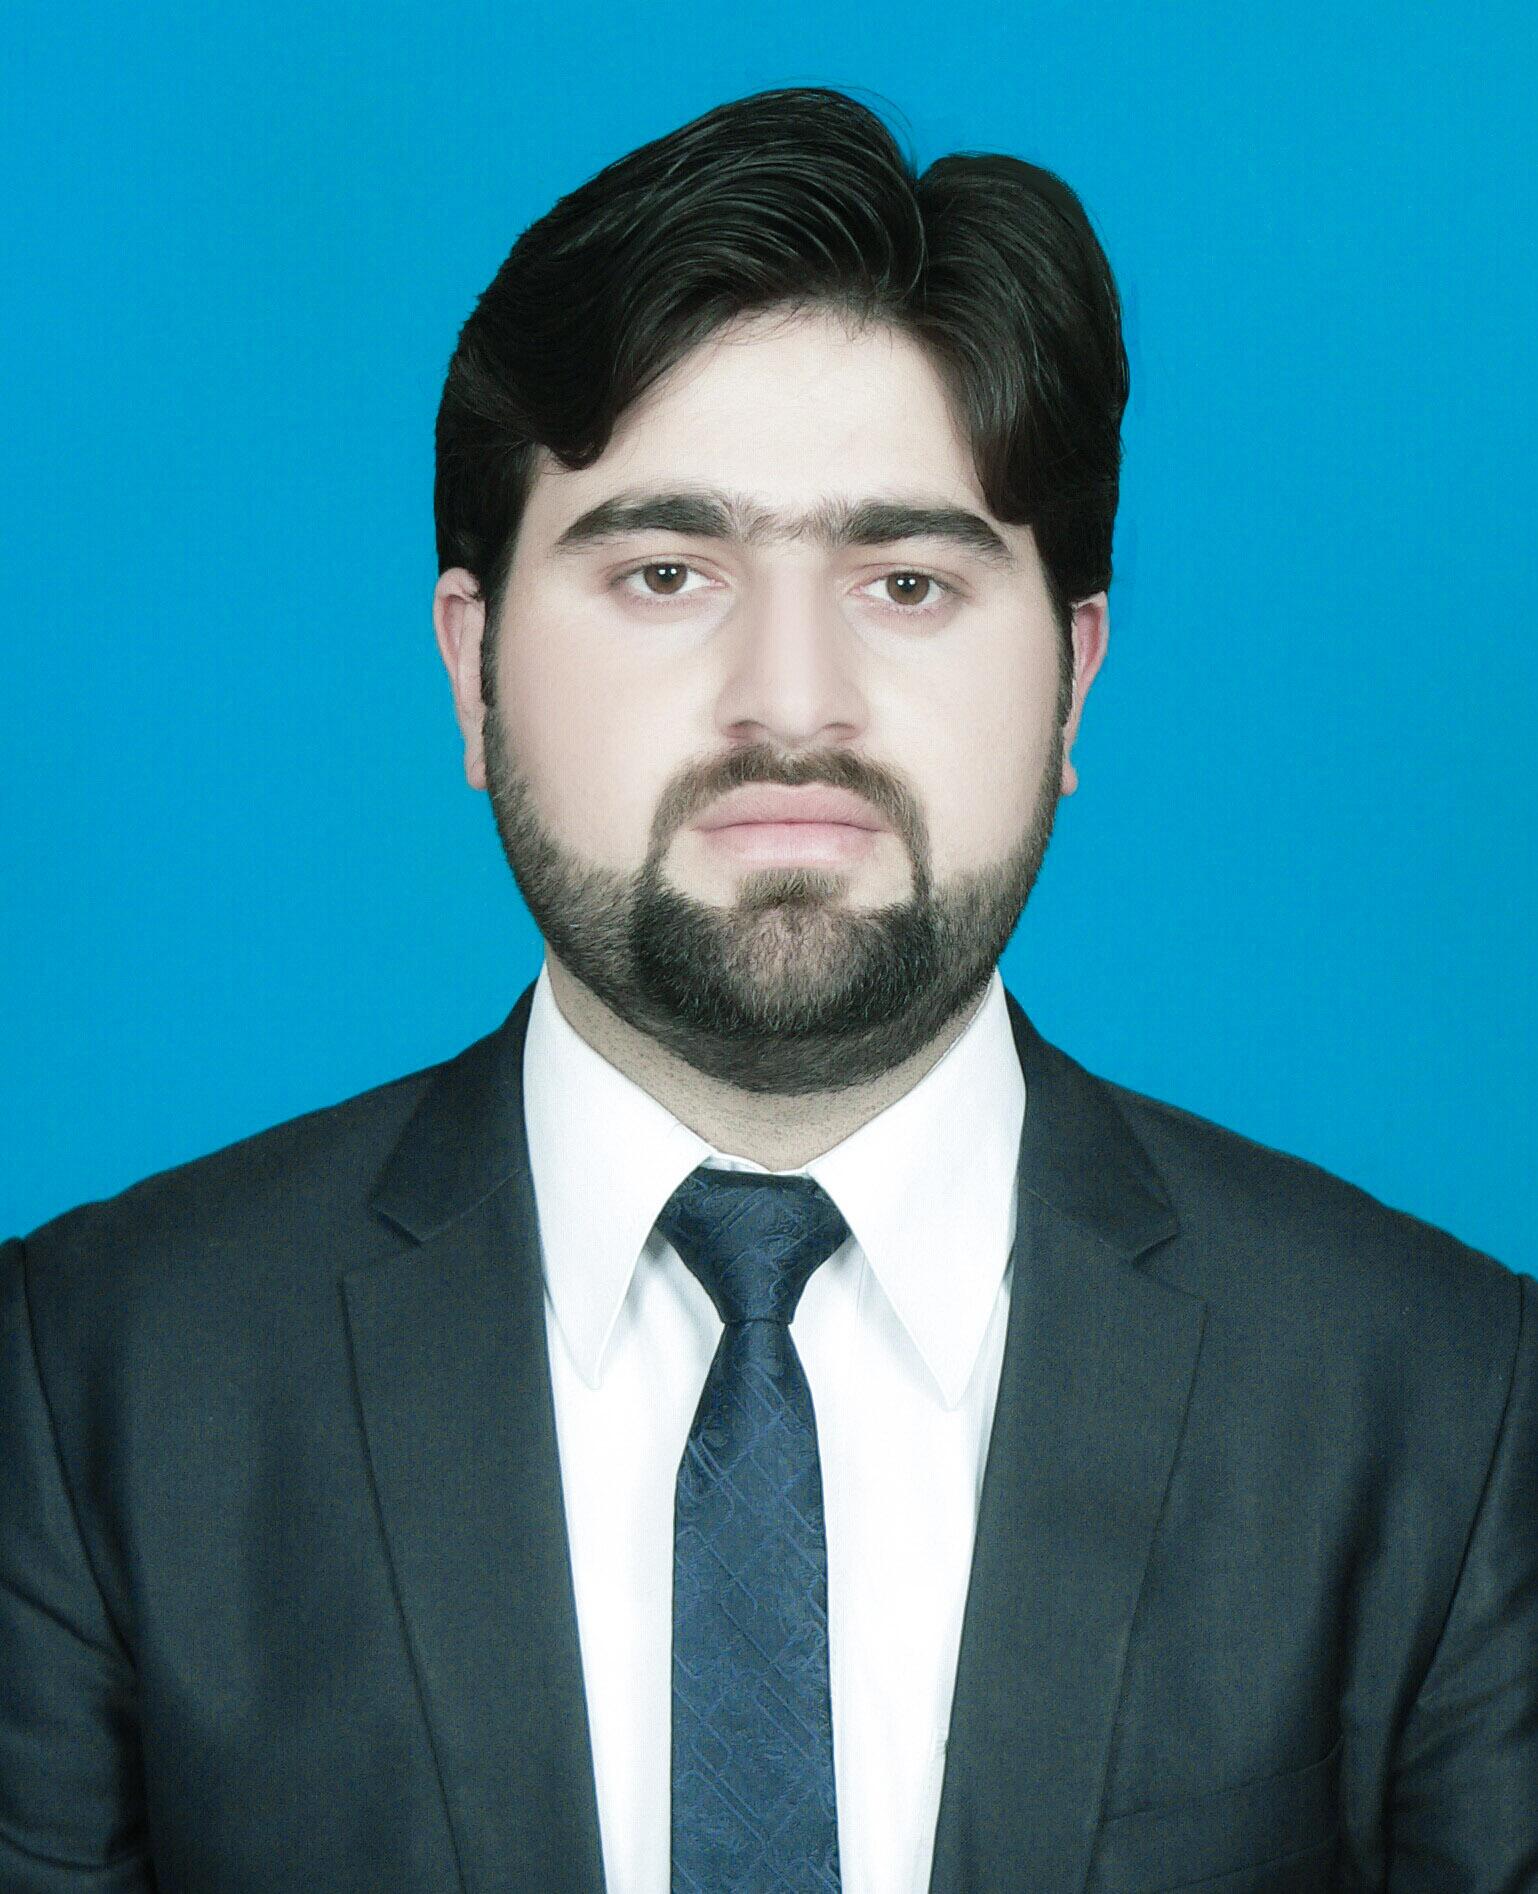 Muhammad Sohaib Photo Editing, Photography, Fundraising, Public Relations